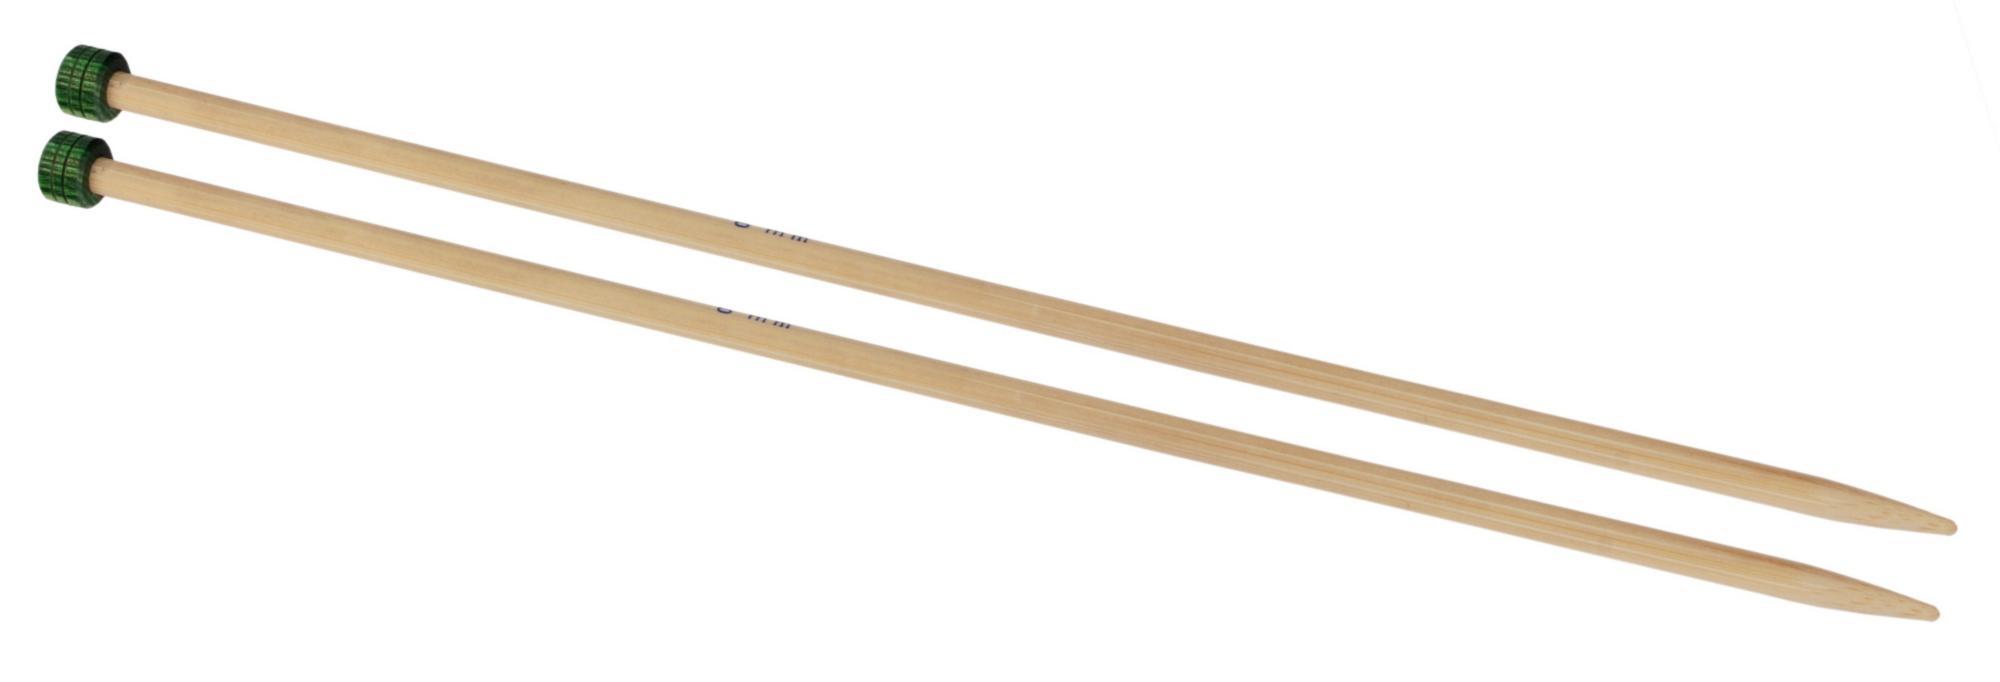 Спицы прямые 25 см Bamboo KnitPro, 22307, 4.00 мм